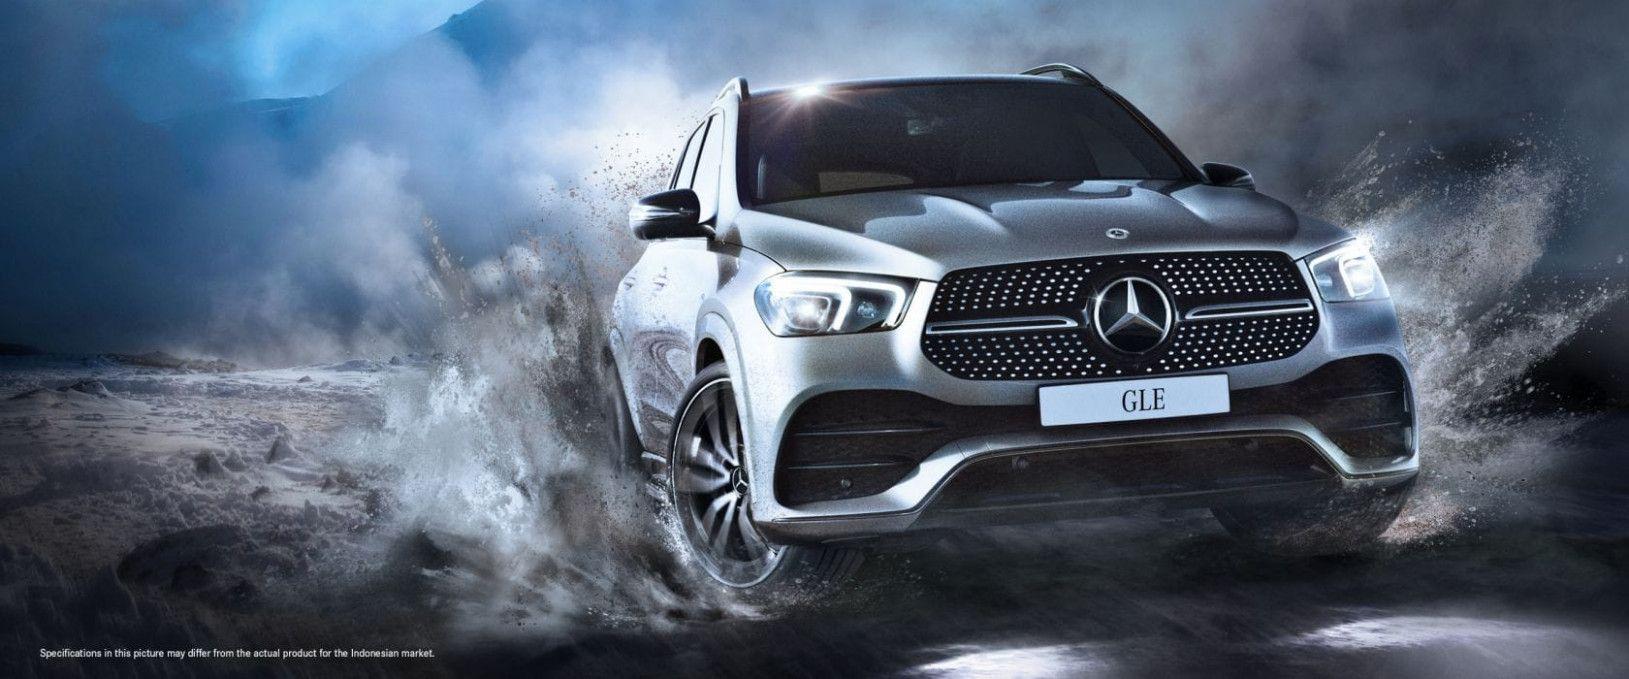 11 Image Mercedes Gle 2020 Indonesia Mercedes Gle 2020 Mercedes Gle Gle 2020